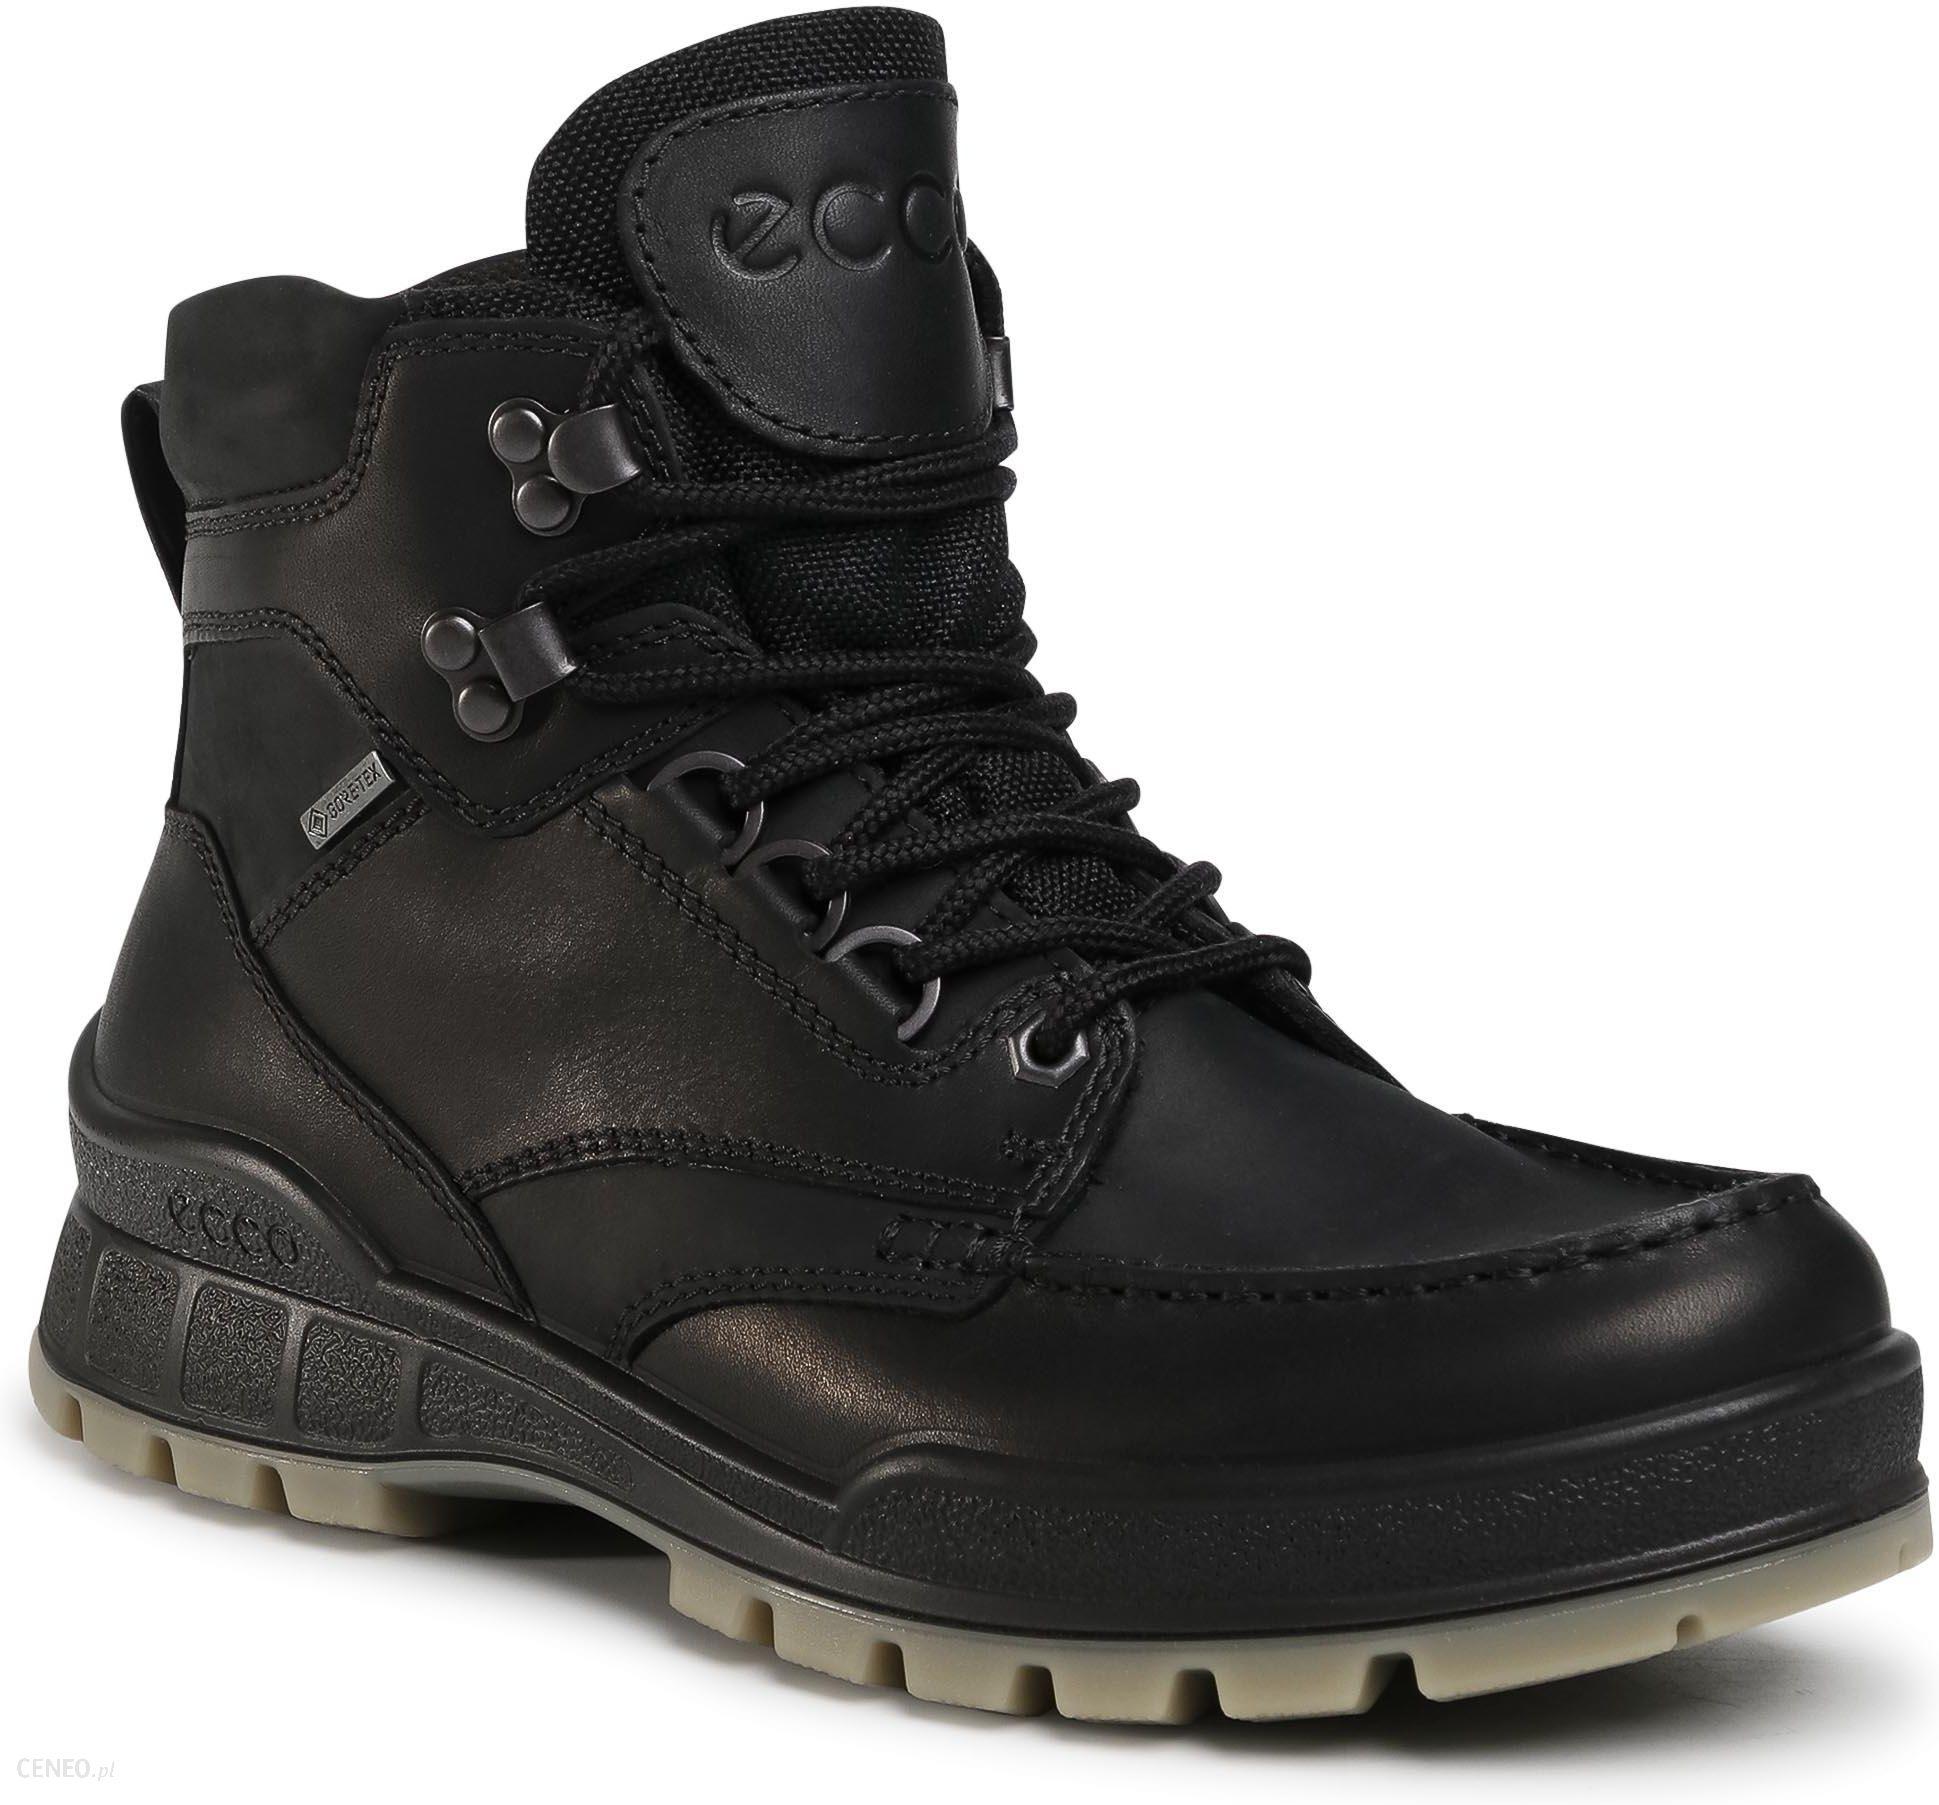 Buty Trekkingowe Ecco Track 25m Gore Tex 83170451052 Black Ceny I Opinie Ceneo Pl